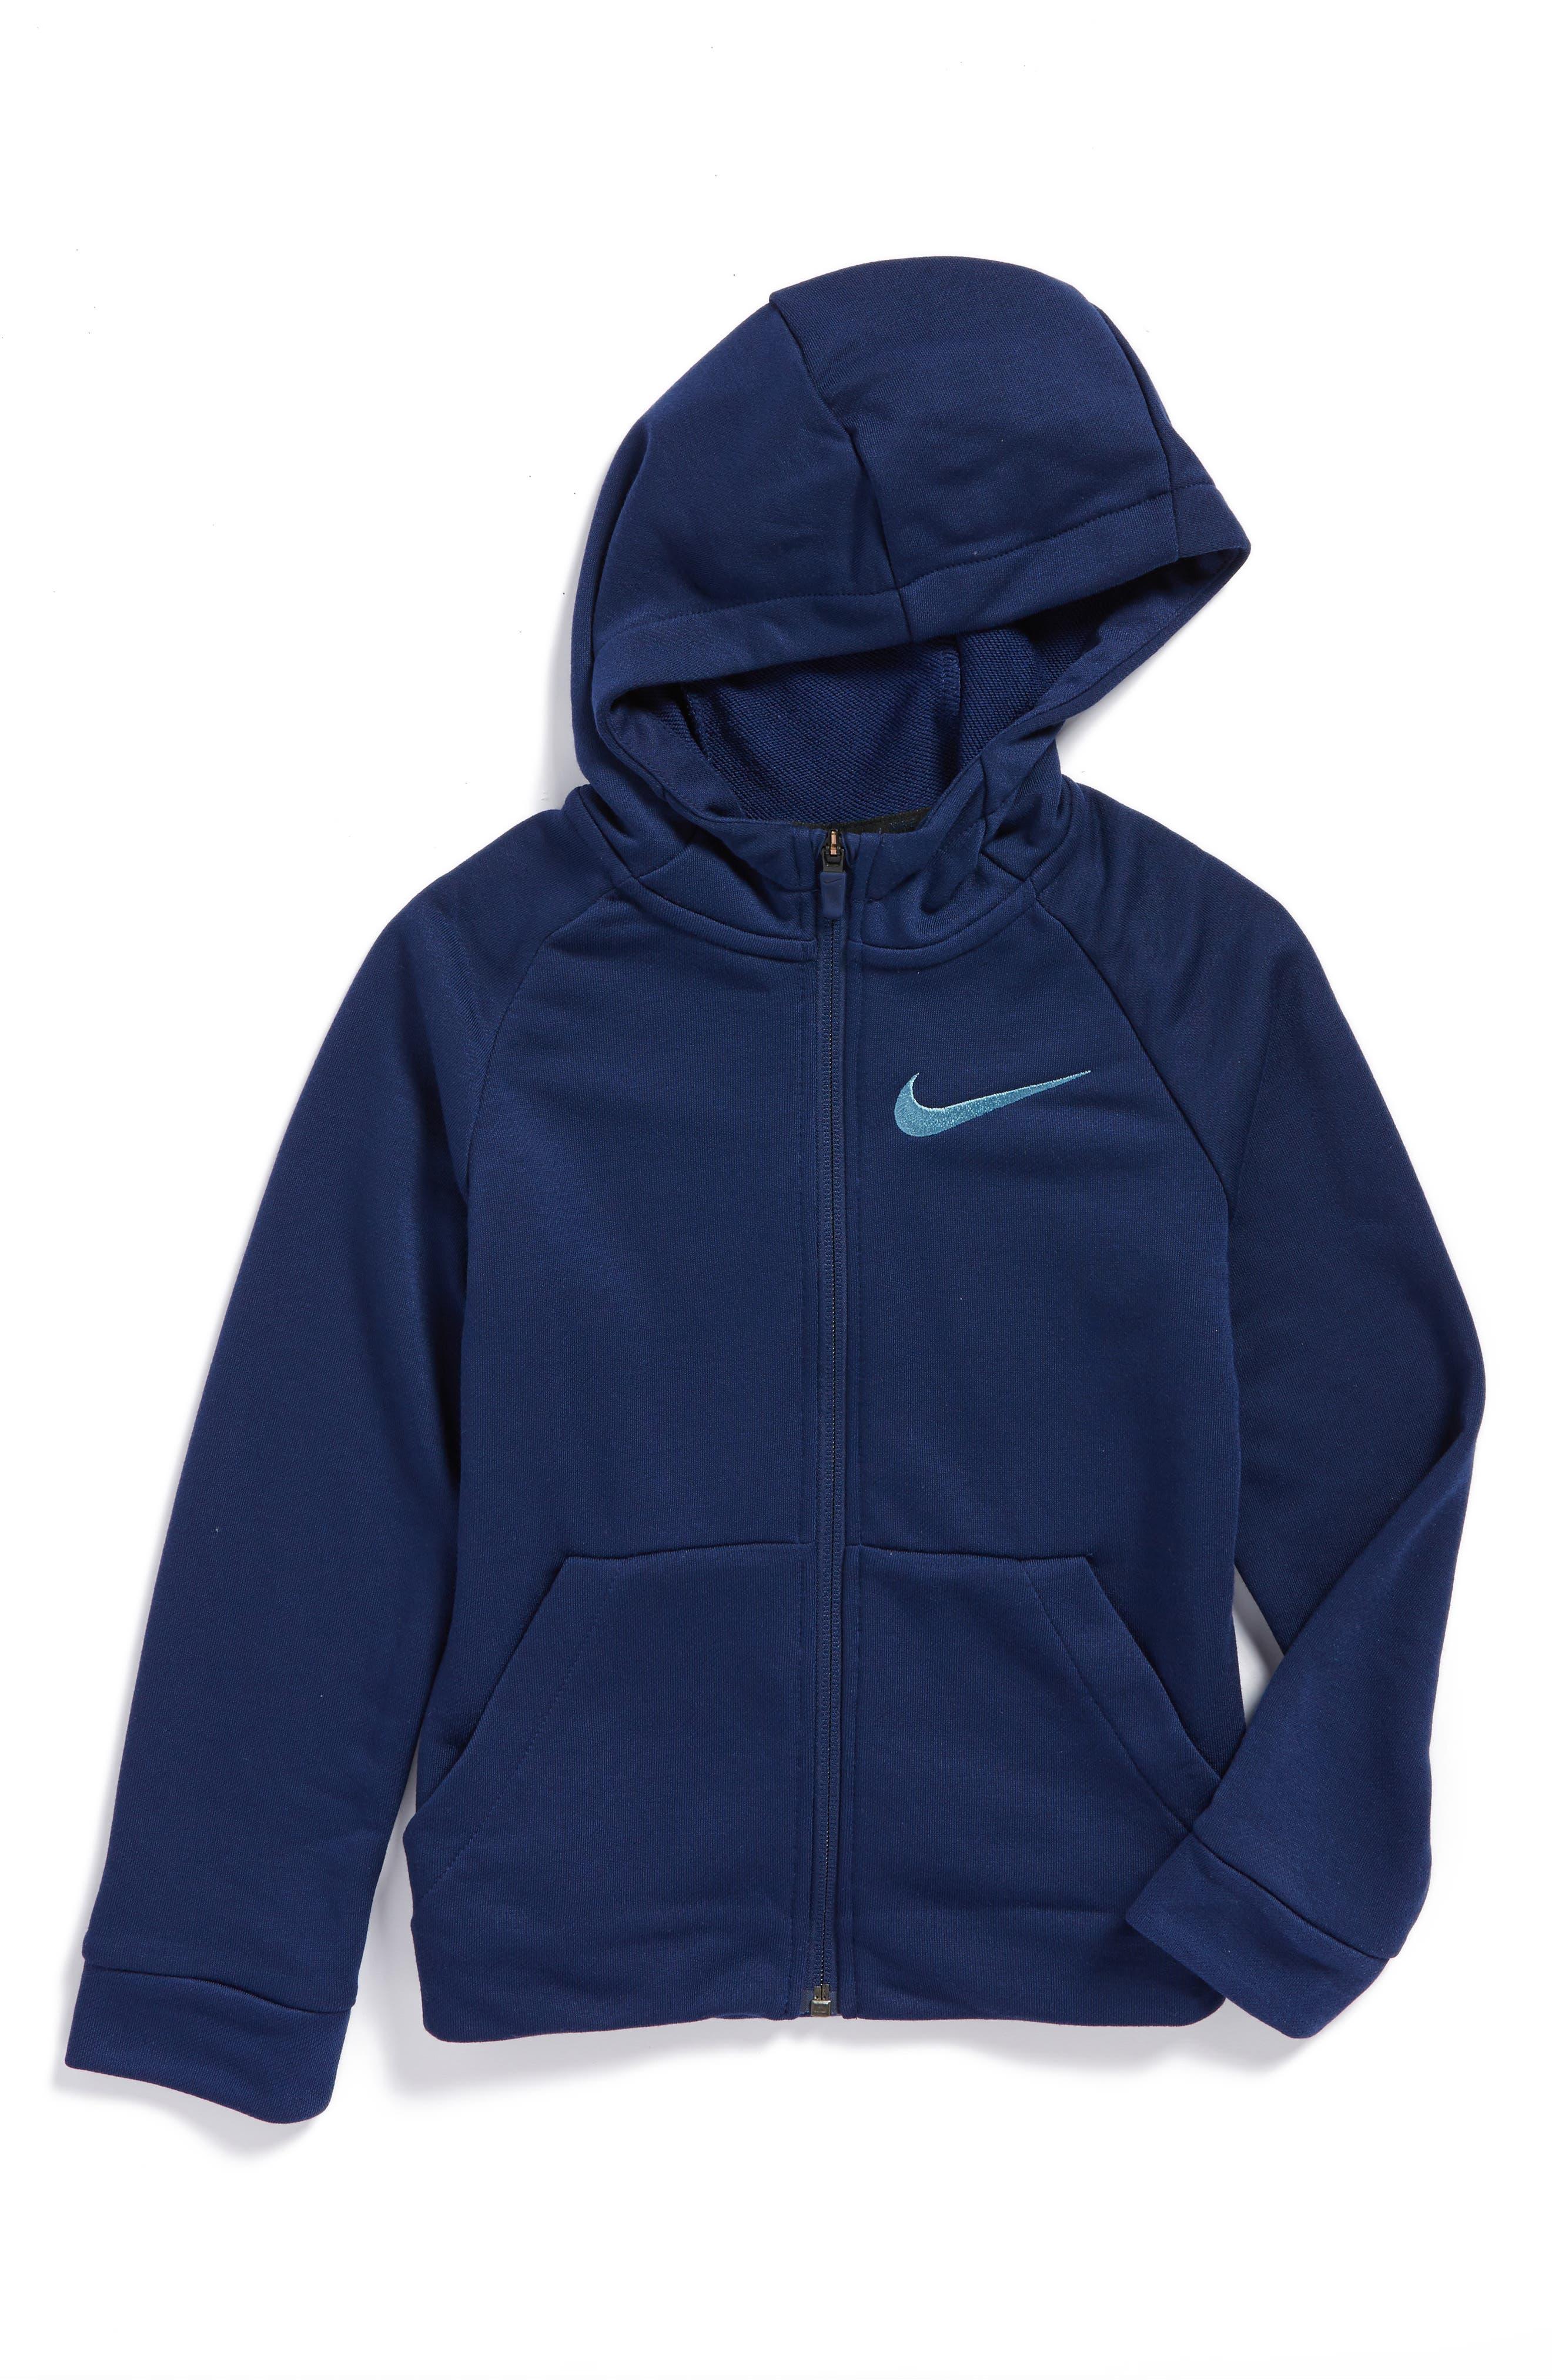 Alternate Image 1 Selected - Nike Dry Logo Zip Hoodie (Little Boys & Big Boys)